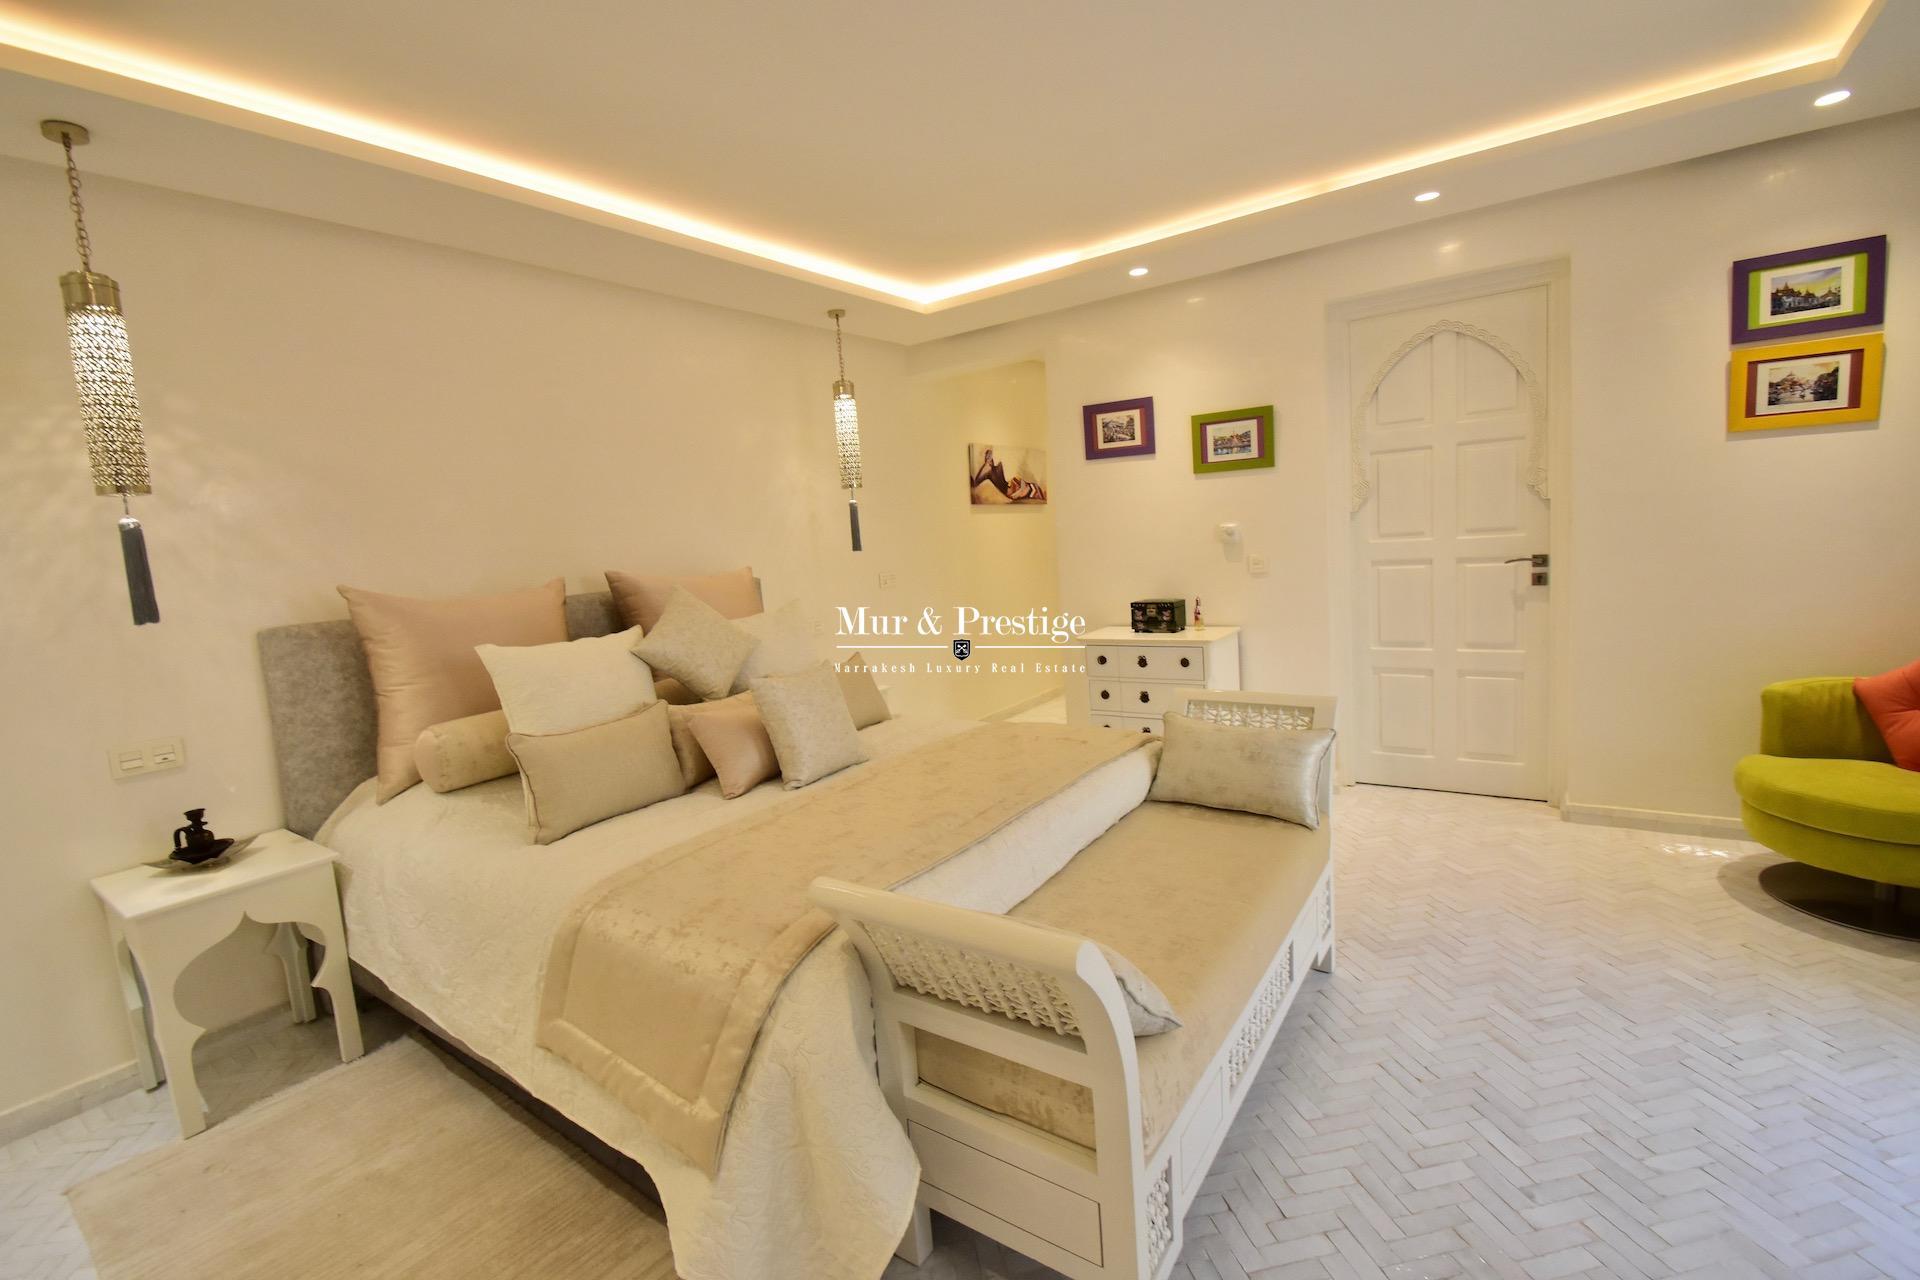 Maison de prestige en vente au Golf Amelkis de Marrakech